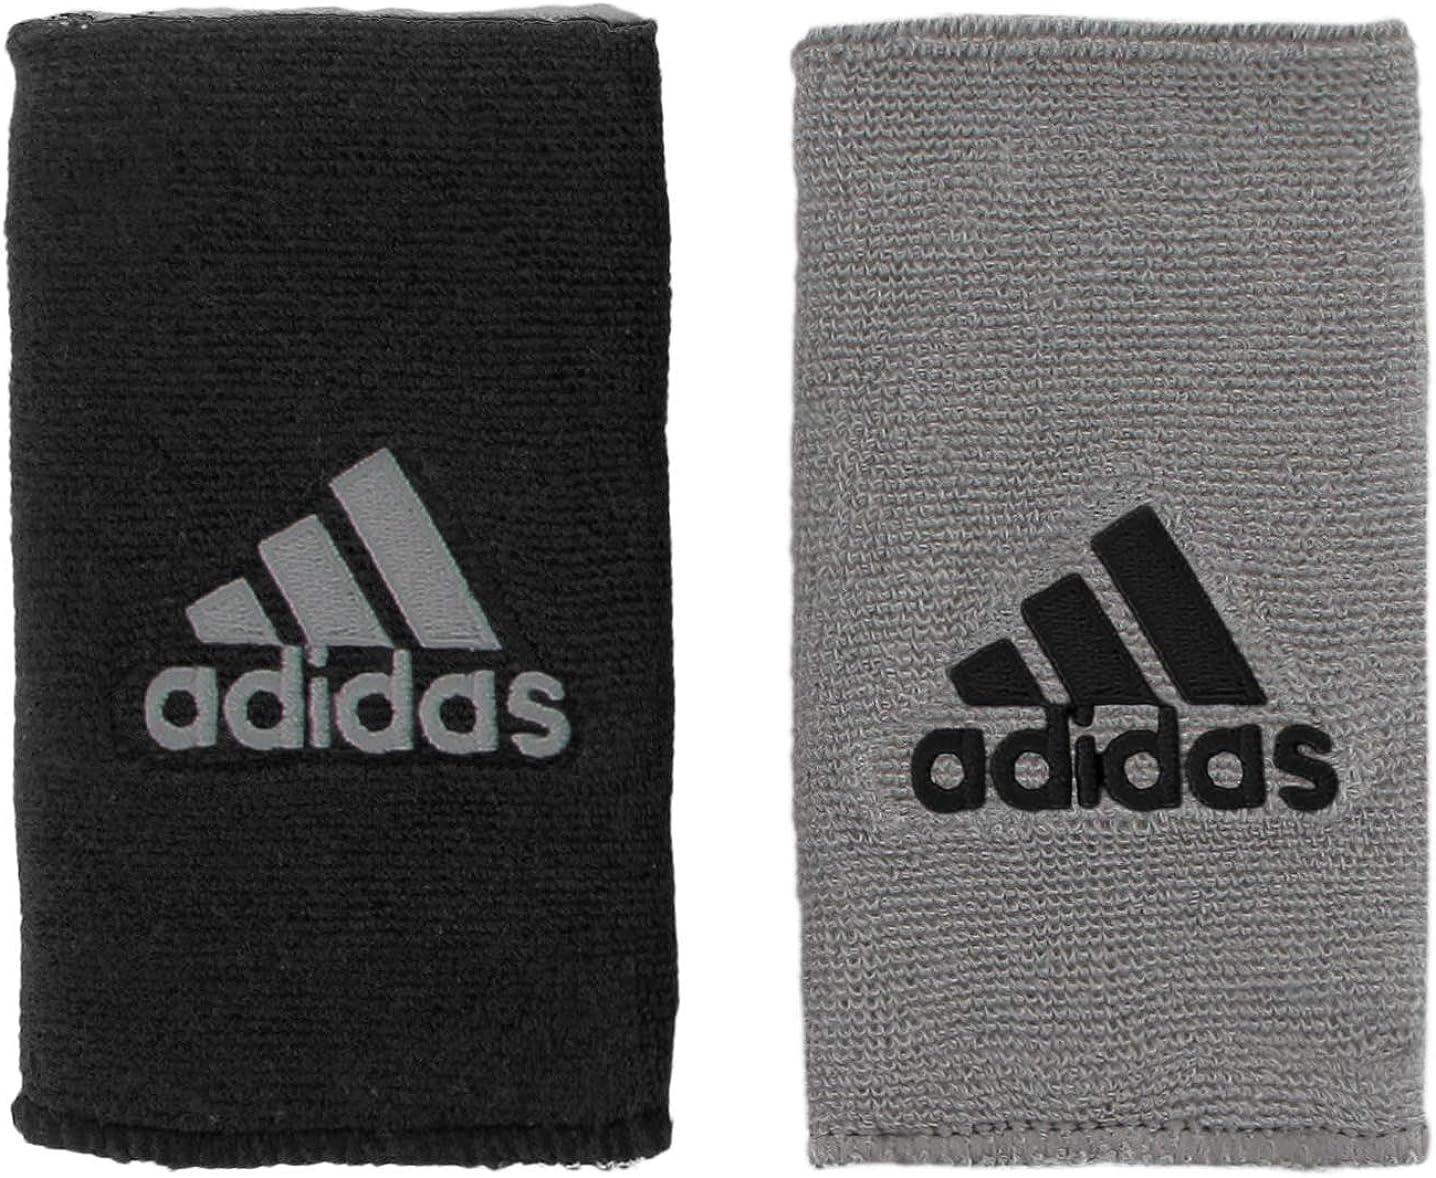 adidas Unisex Interval Large Reversible Wristband, Black/Aluminum 2 Aluminum 2/Black, ONE SIZE: Clothing